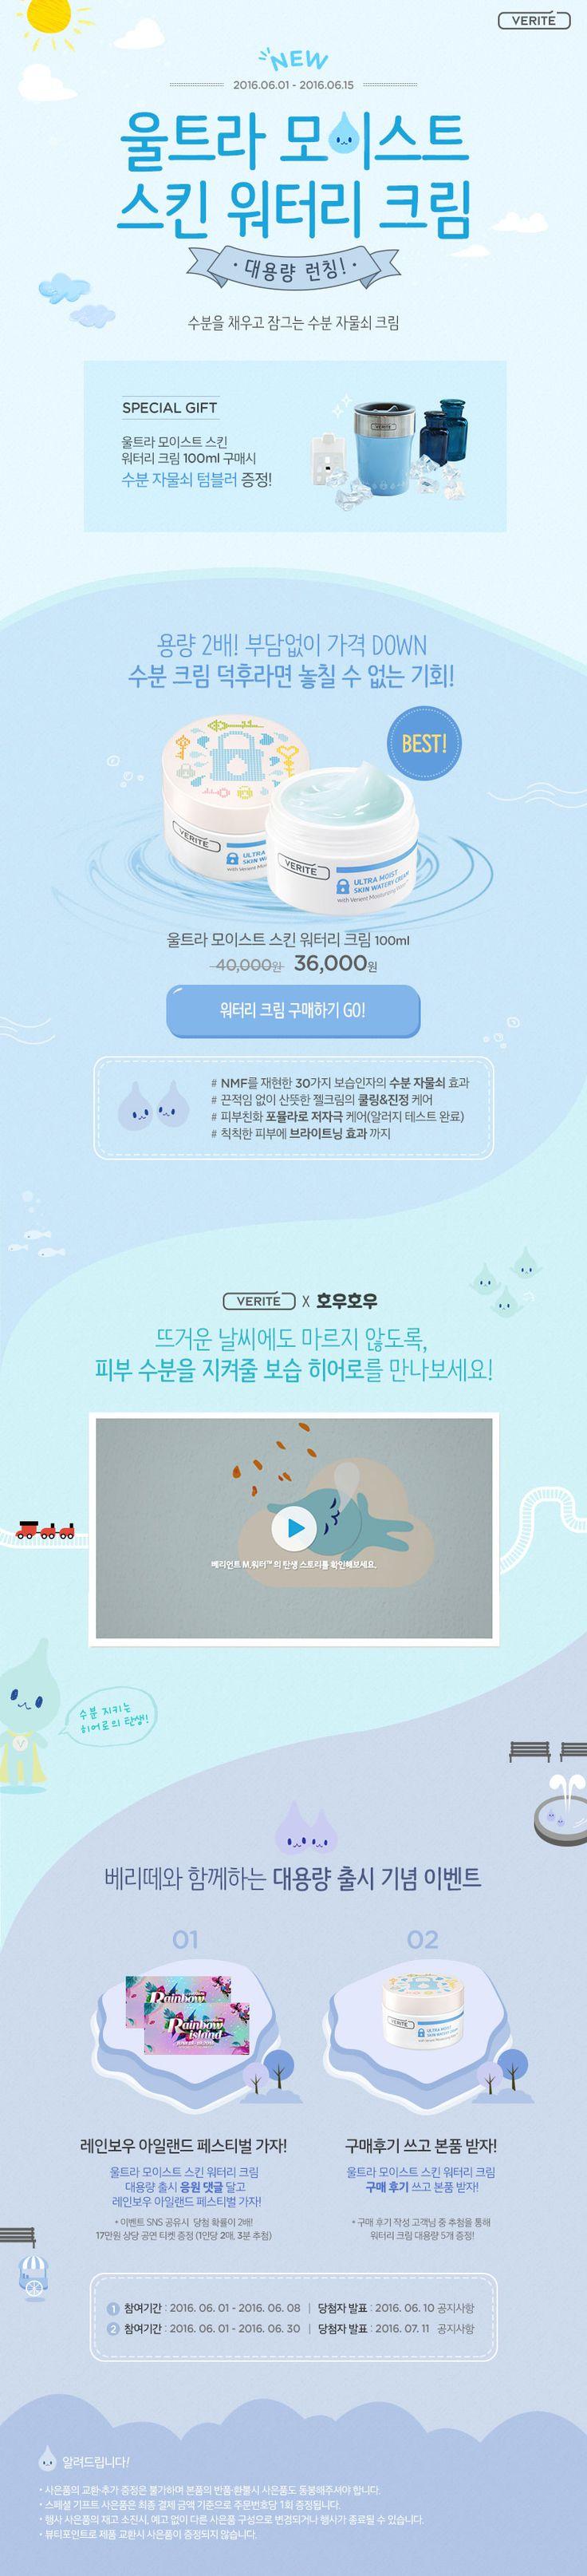 베리떼 스킨 워터리 크림 대용량 출시 기념!BIG EVENT! – 아모레퍼시픽 쇼핑몰